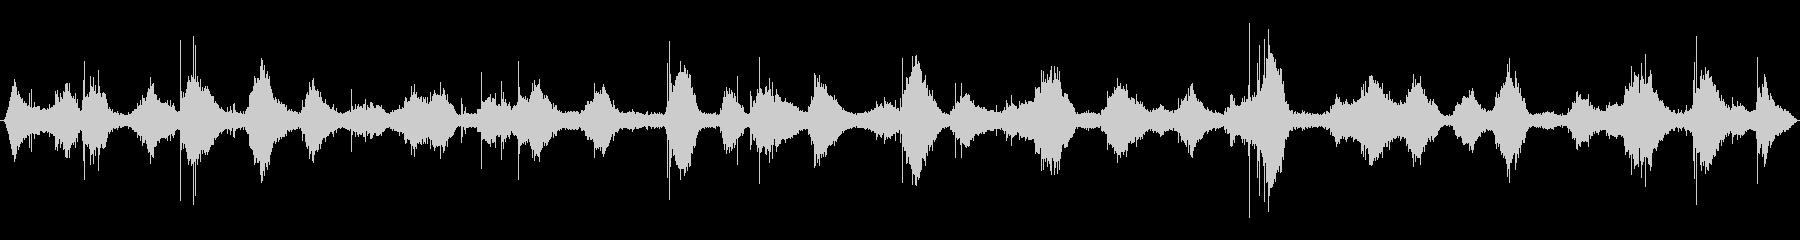 穏やかな波音(稲毛海岸)_01の未再生の波形